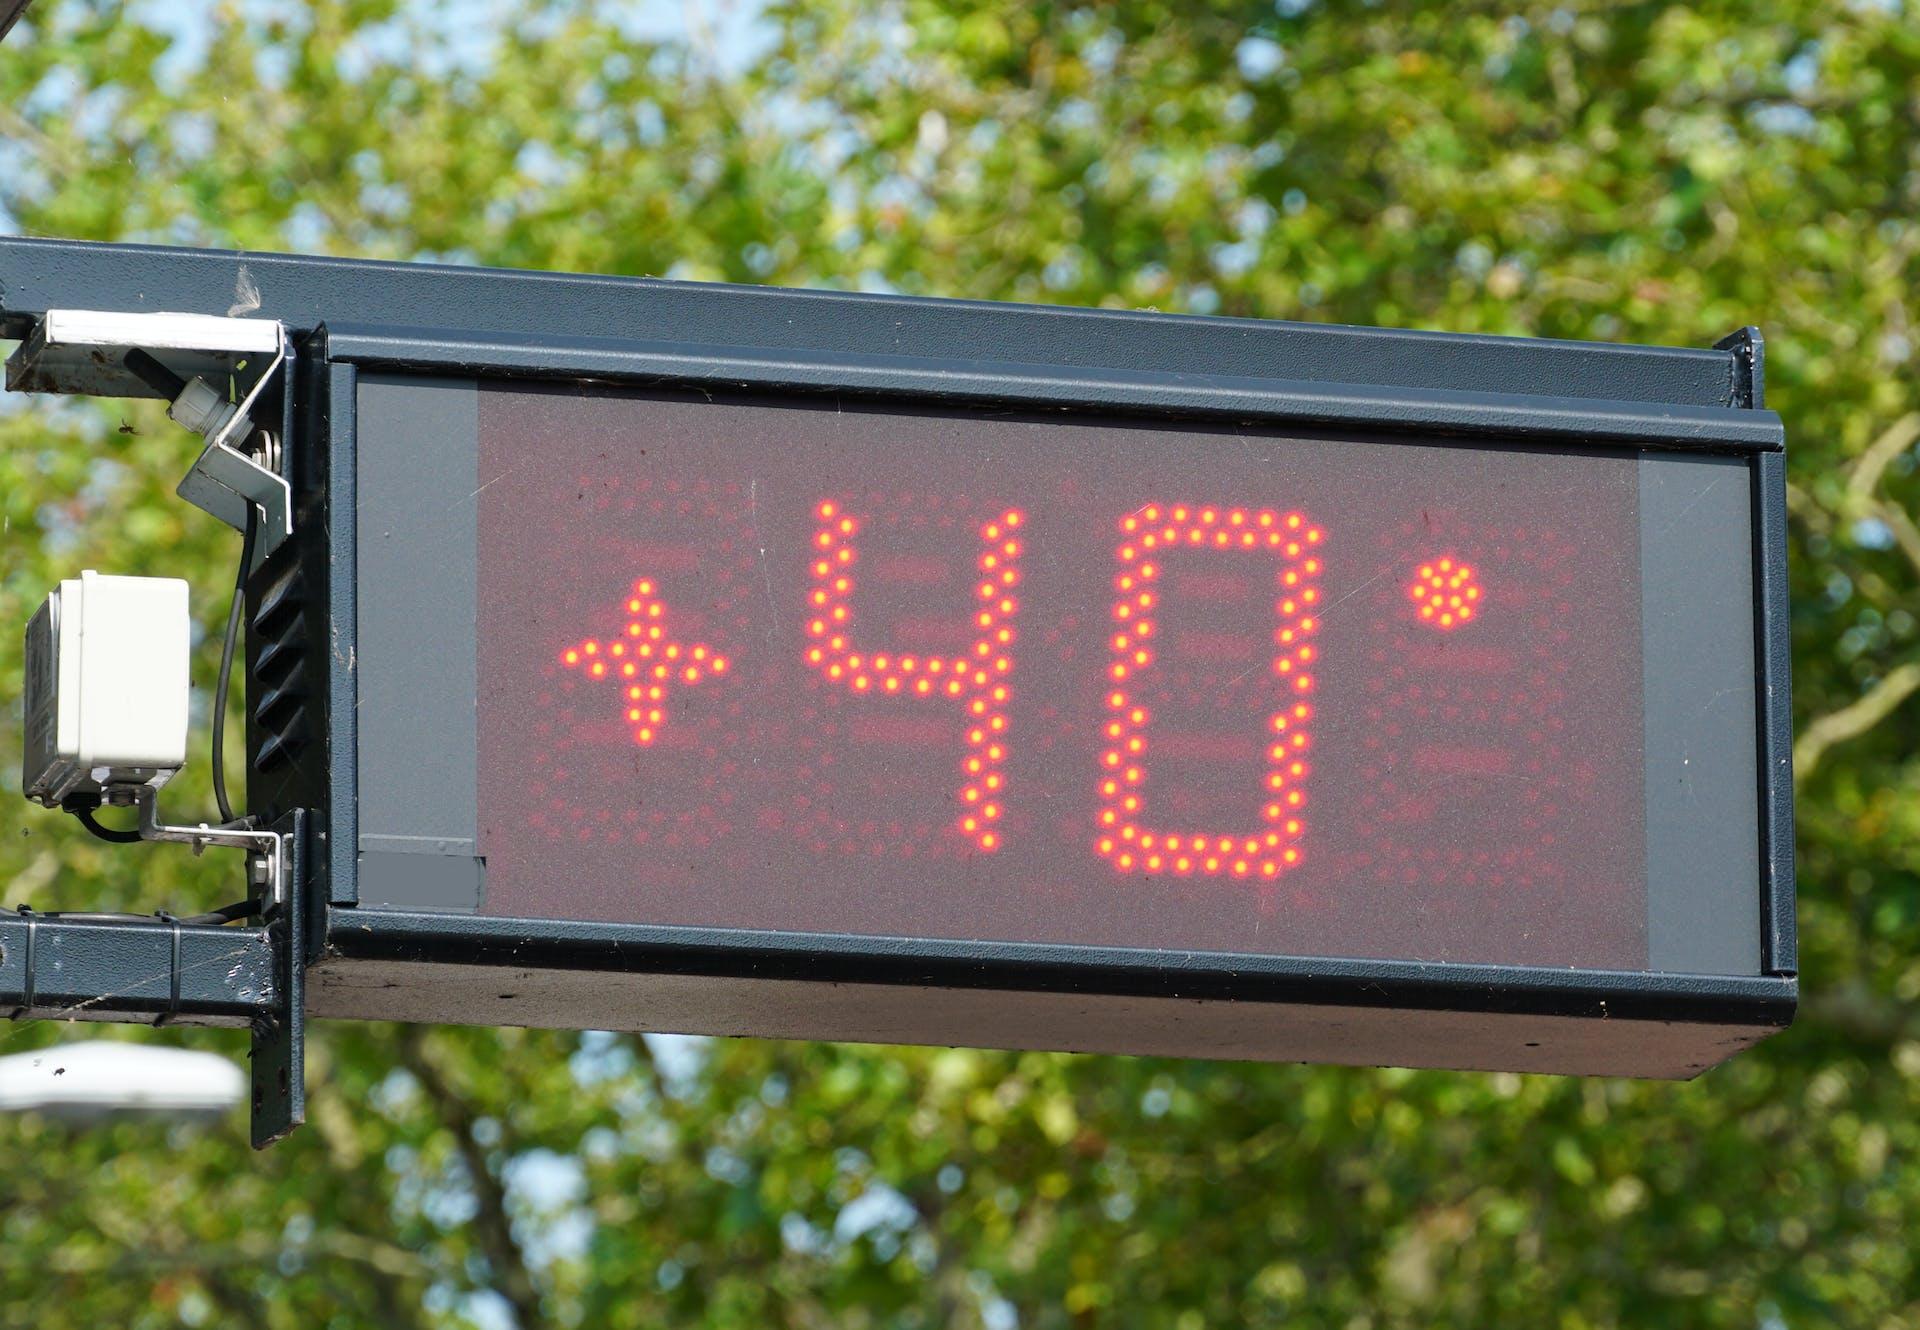 Juli heeft het warmterecord gebroken. Hier zie je een thermometer in Nederland die op 40 graden staat.